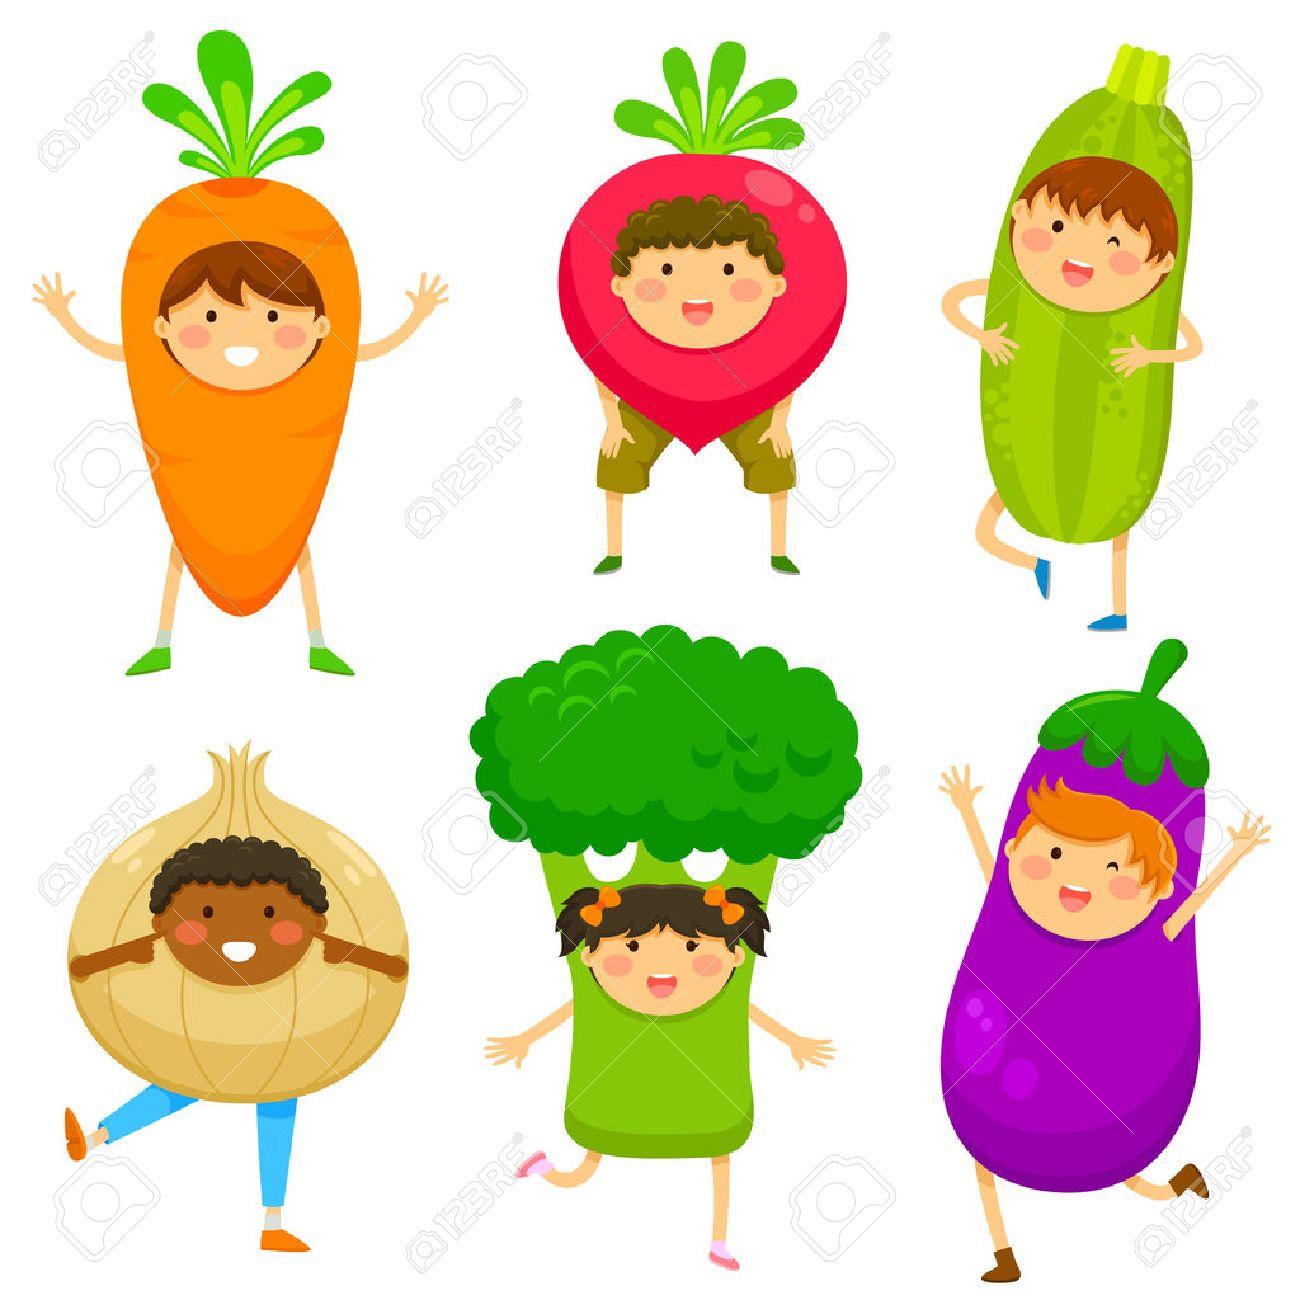 children dressed like vegetables - 41984469